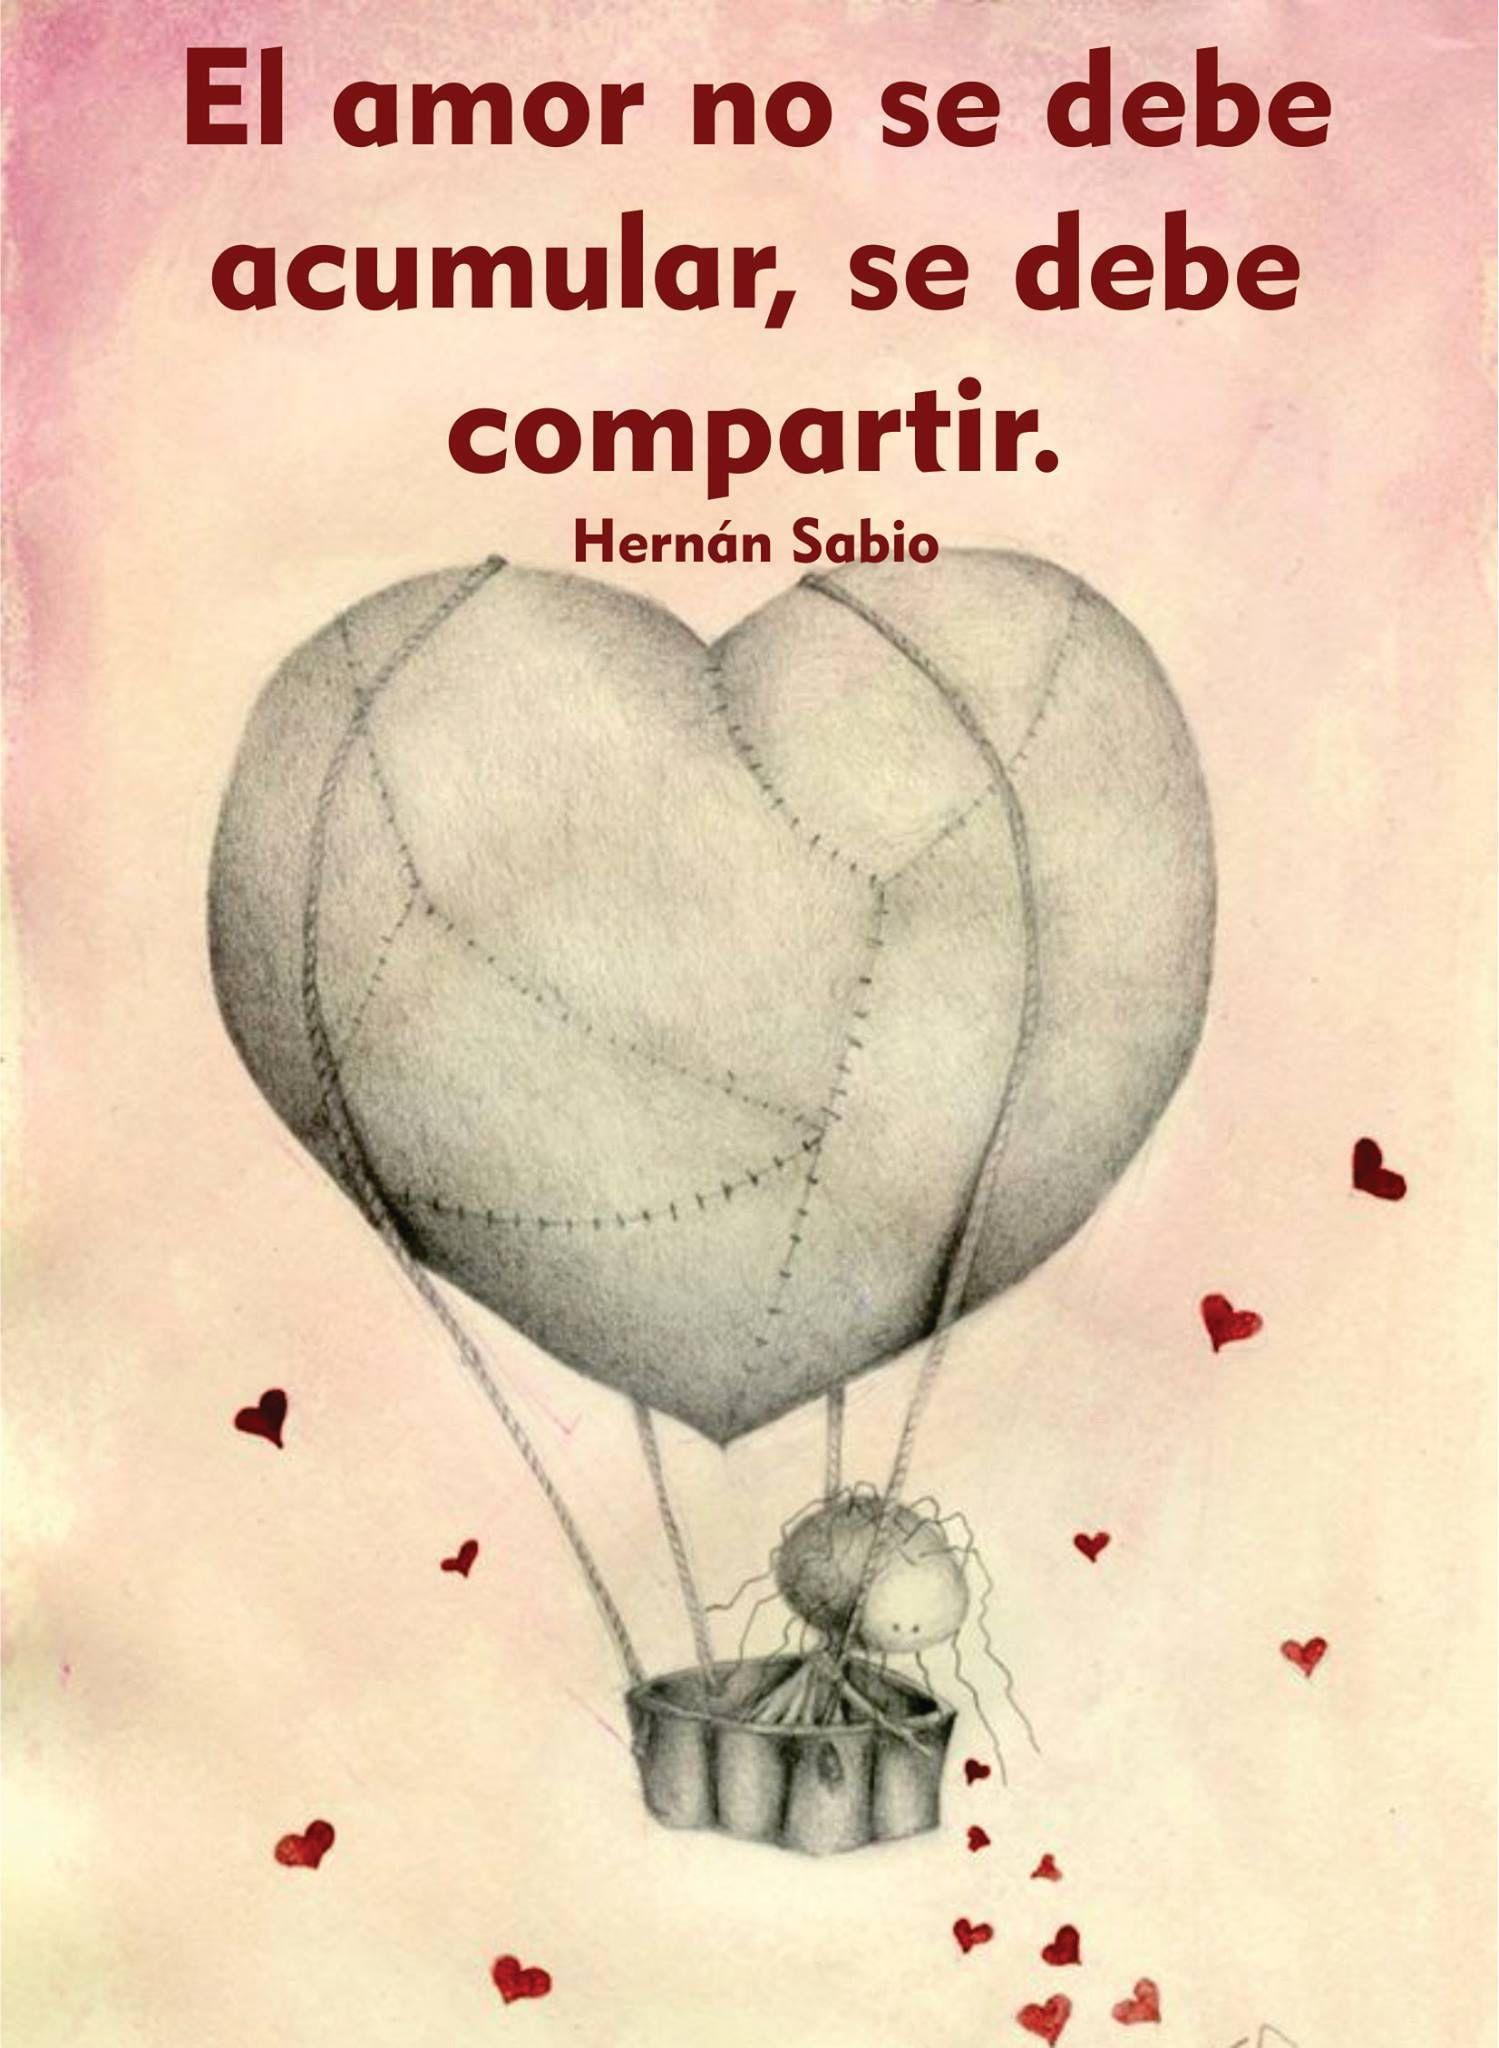 〽️El amor no se debe acumular se debe repartir Hernán Sabio